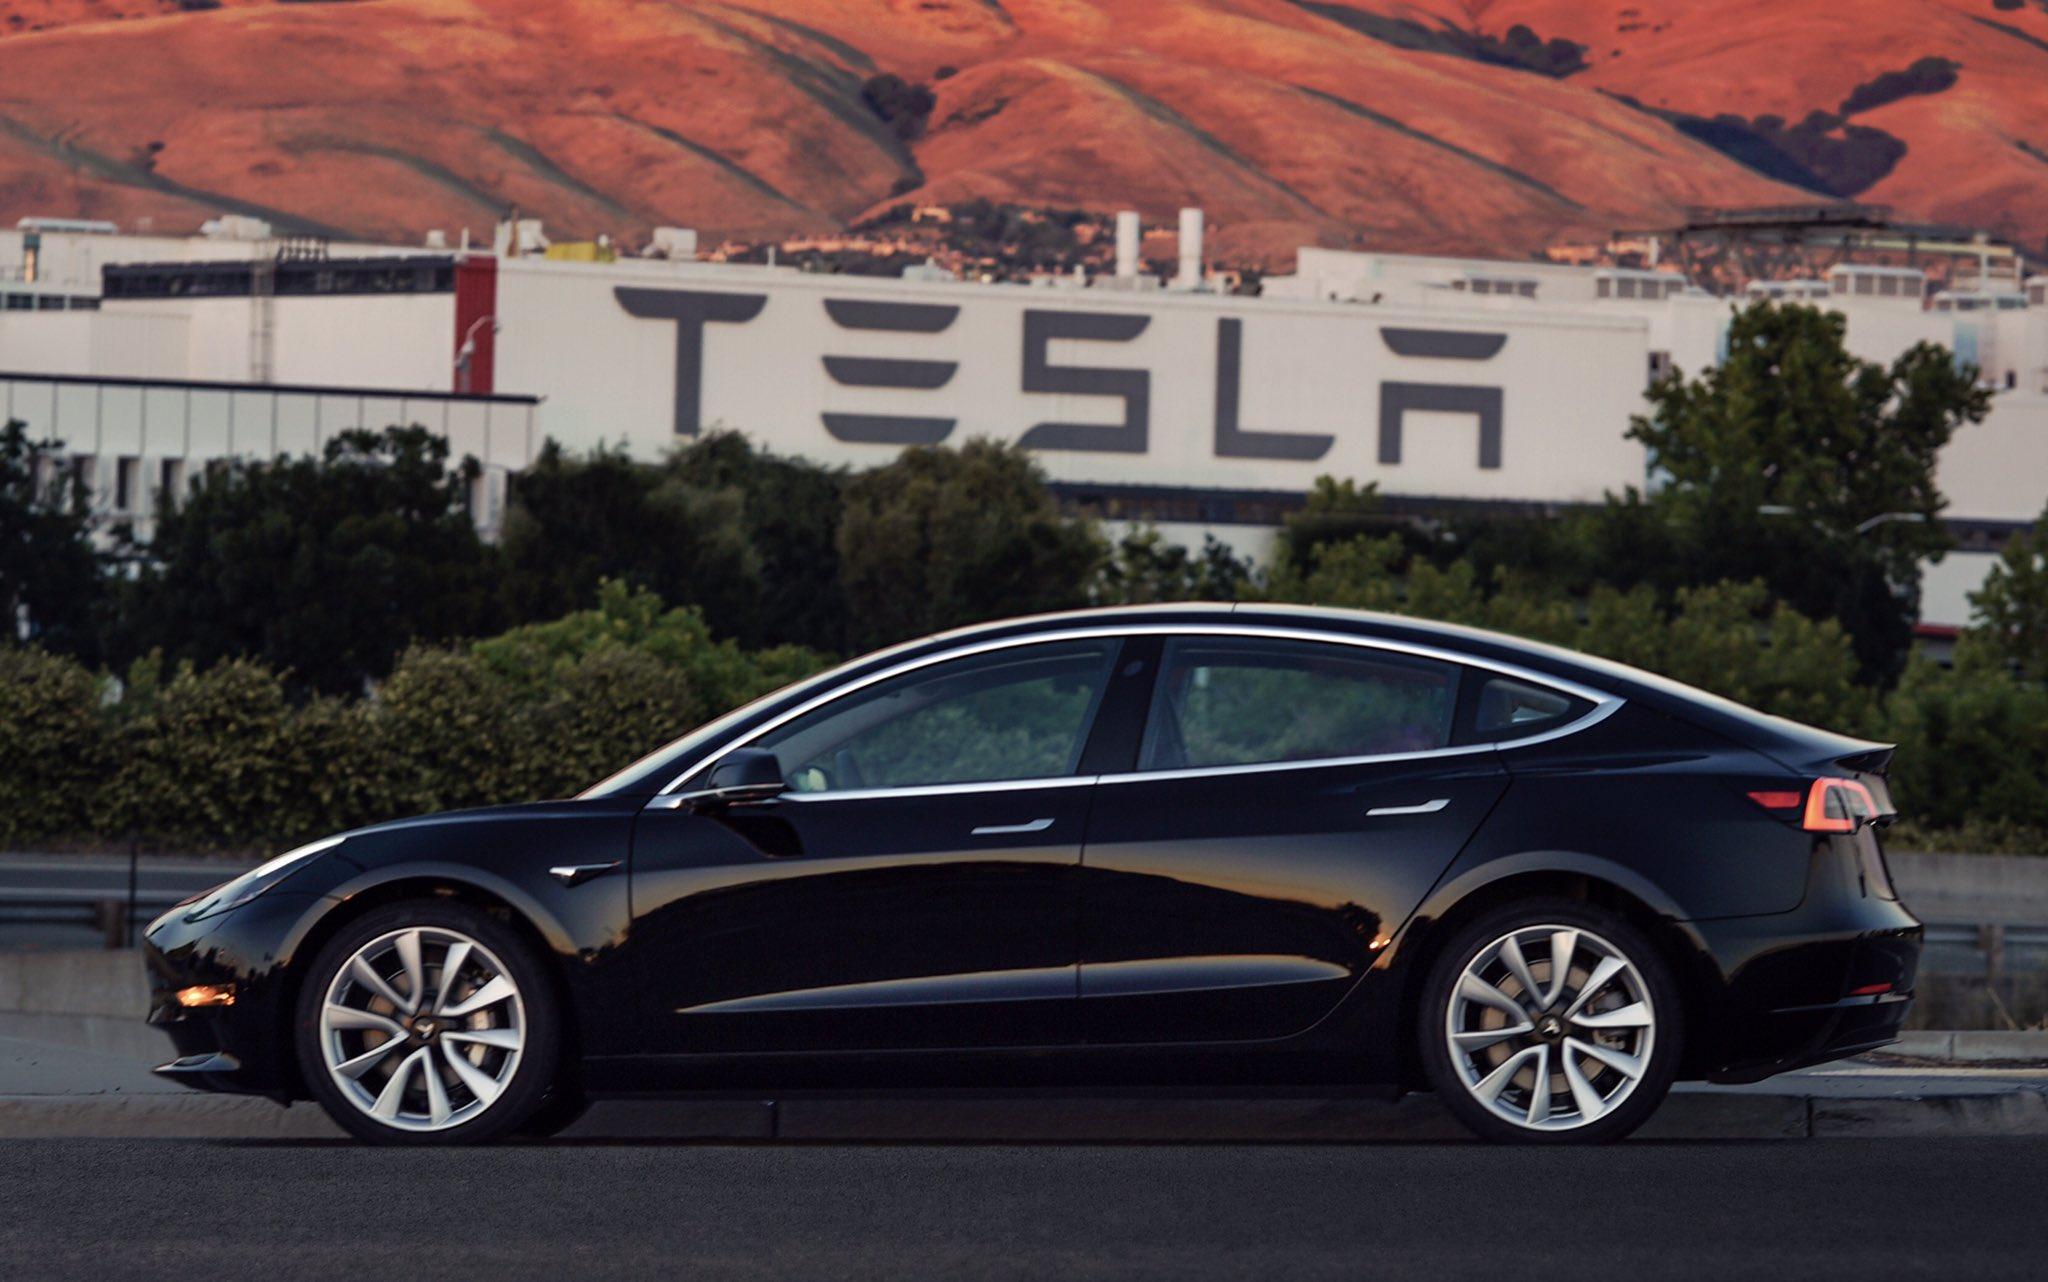 Tesla собирается построить две либо три большие фабрики для производства аккамуляторных батарей